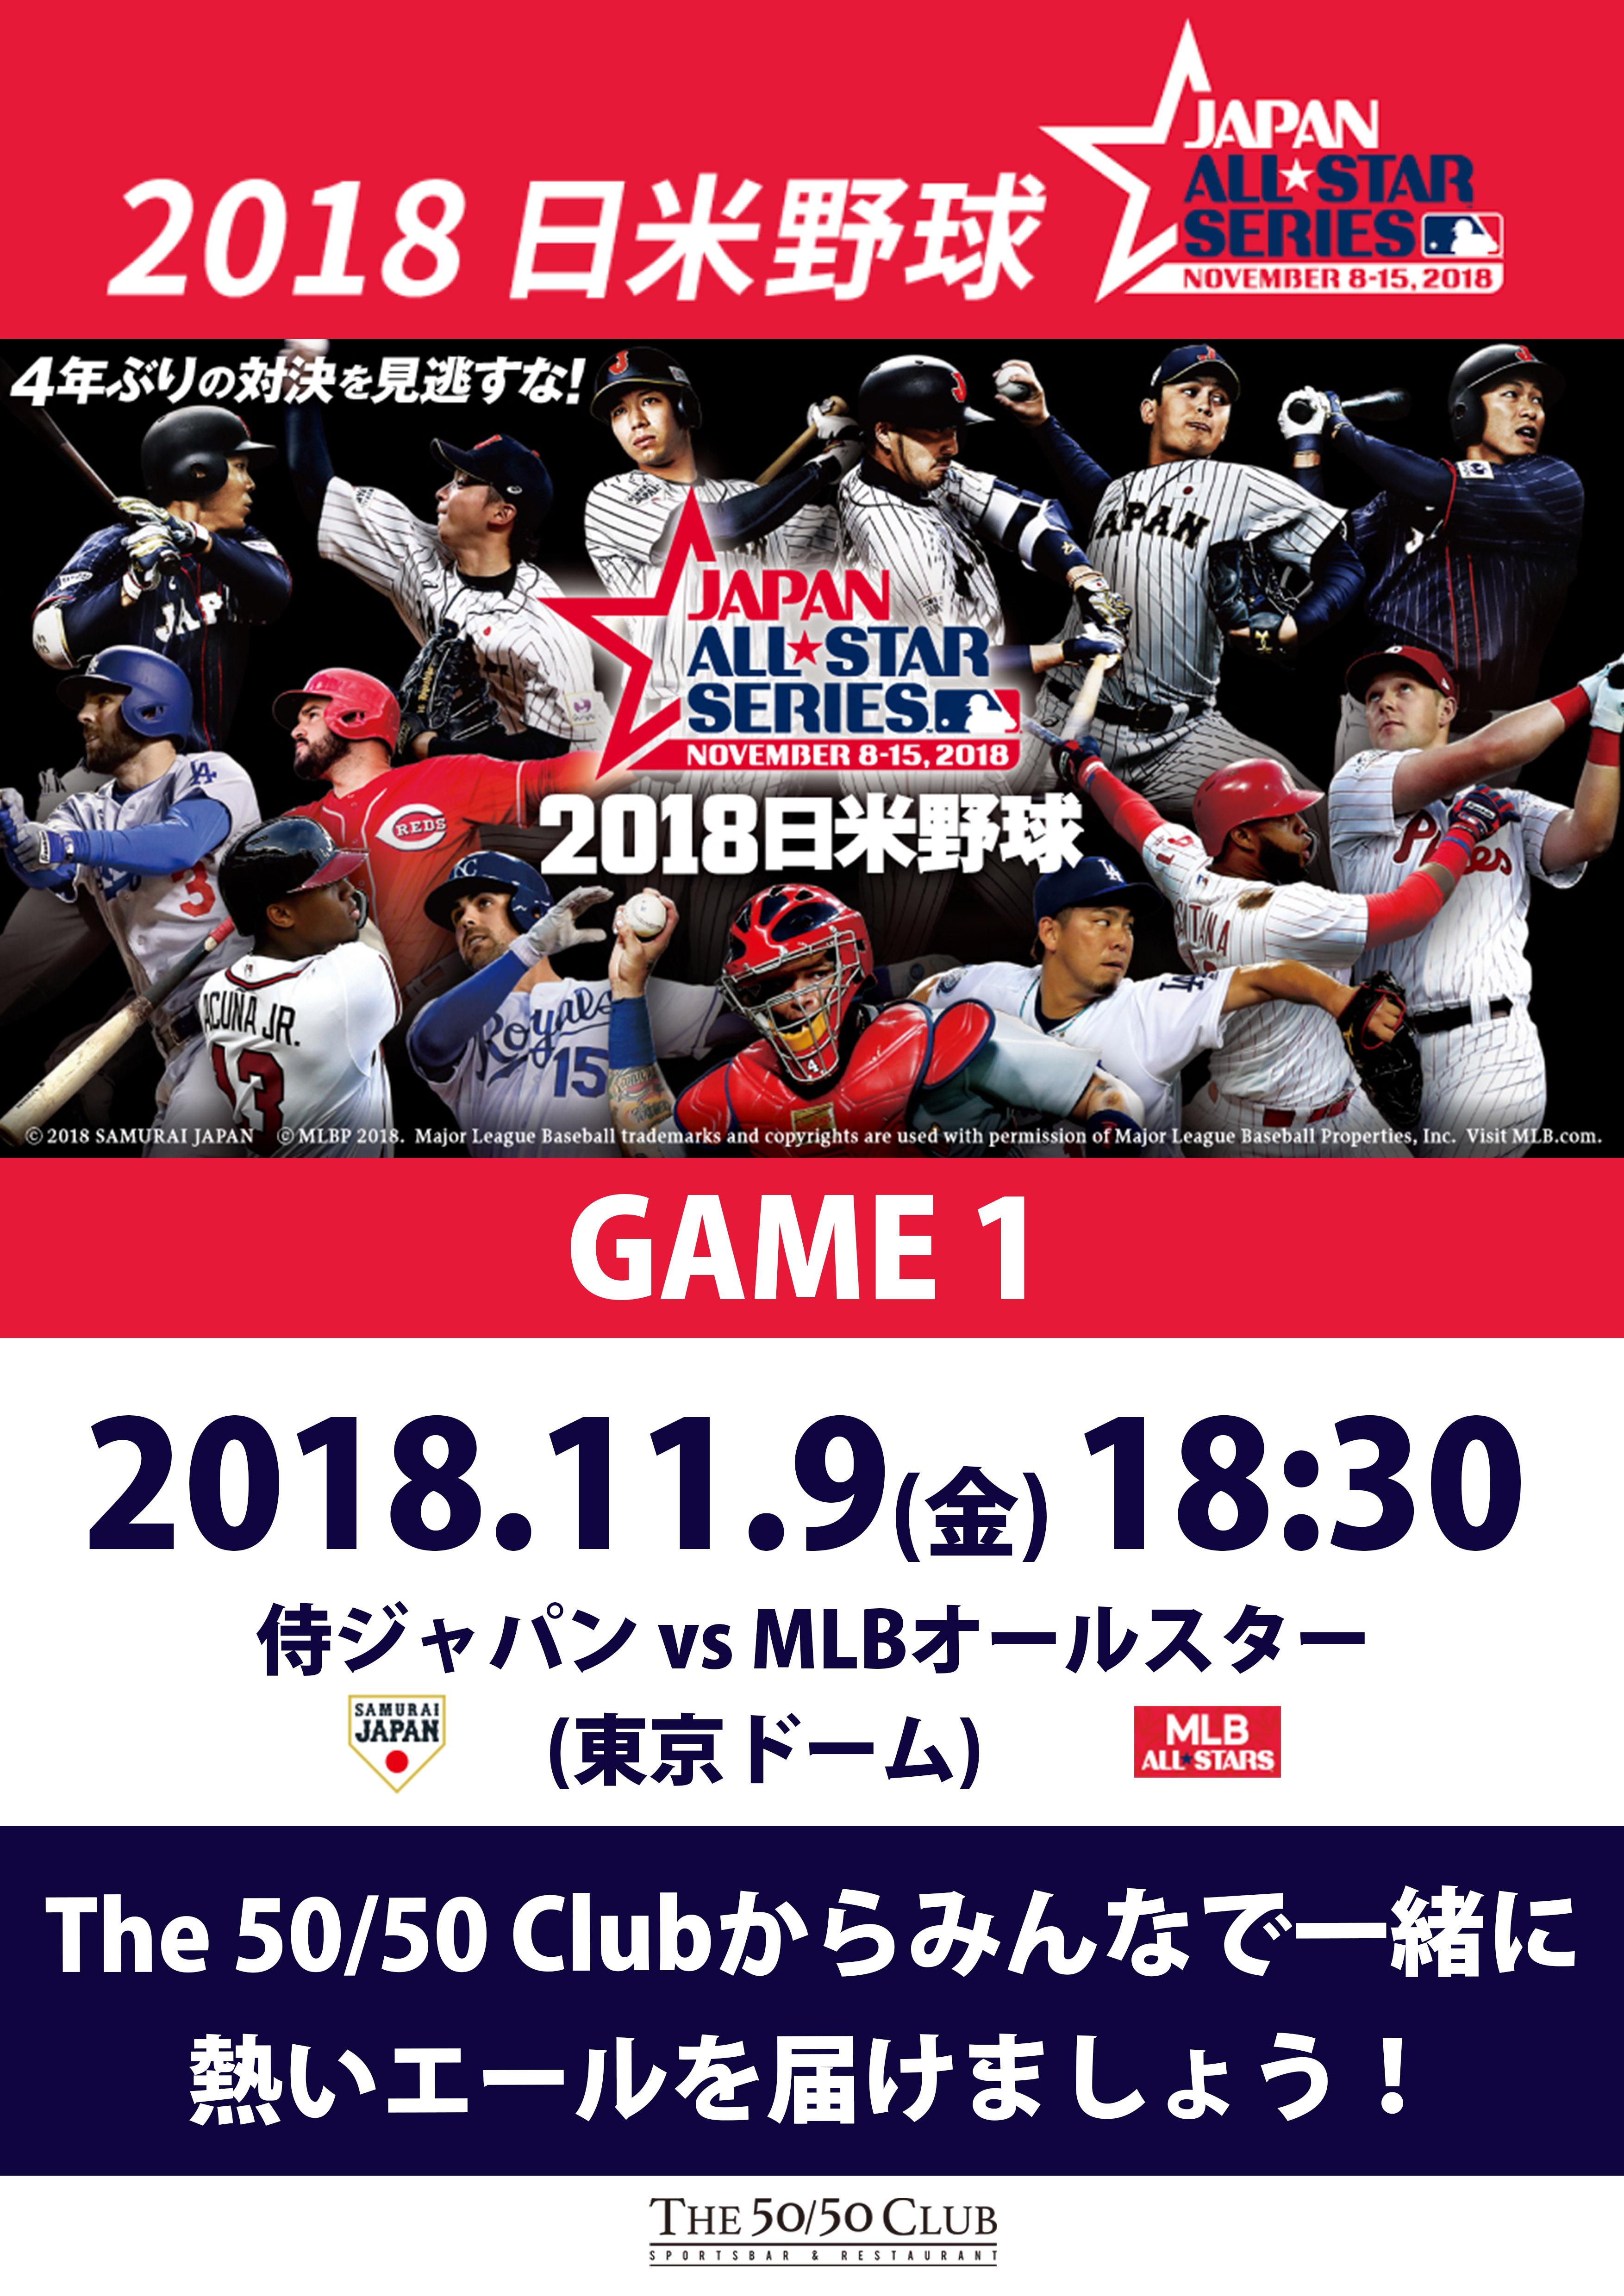 20181109 SAMURAI JAPAN